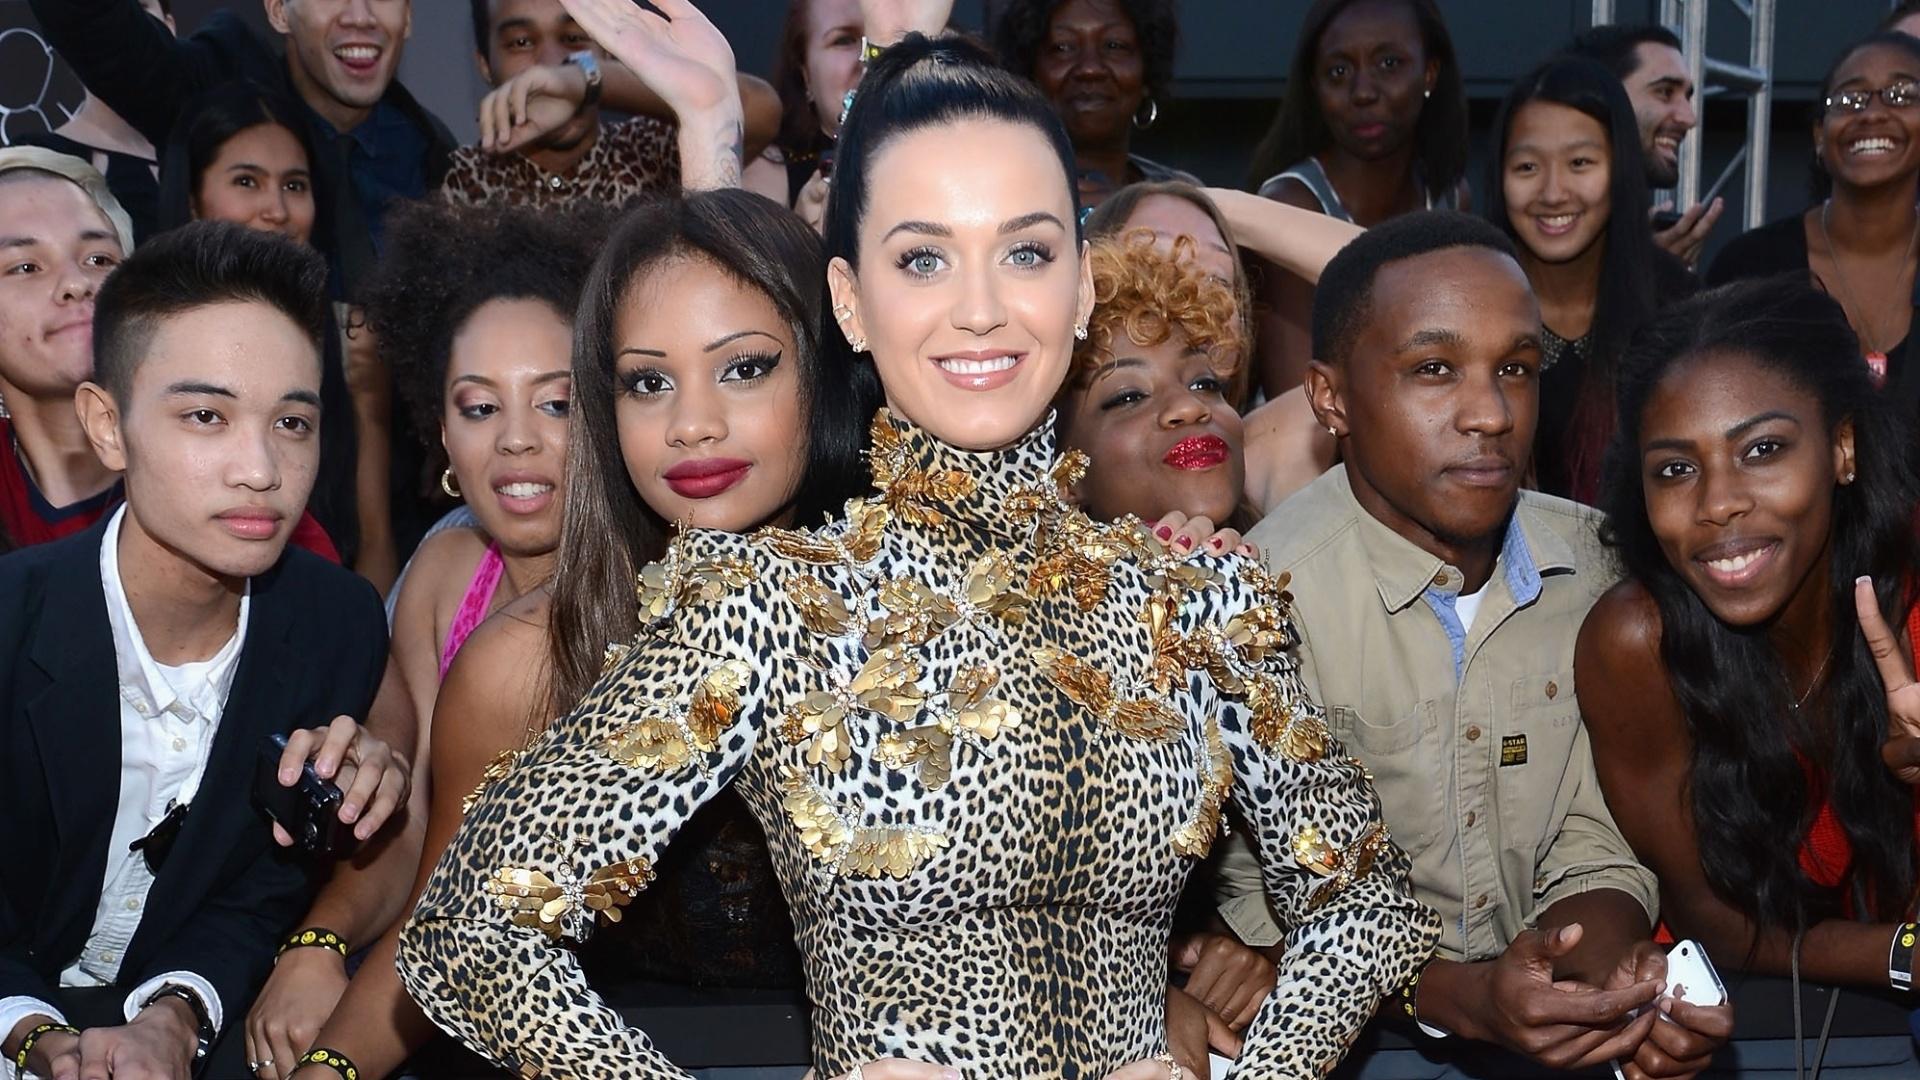 25.ago.2013 - Katy Perry chega ao Barclays Center, em Nova York, para a cerimônia do Video Music Awards 2013. A cantora é uma das atrações mais esperadas da noite